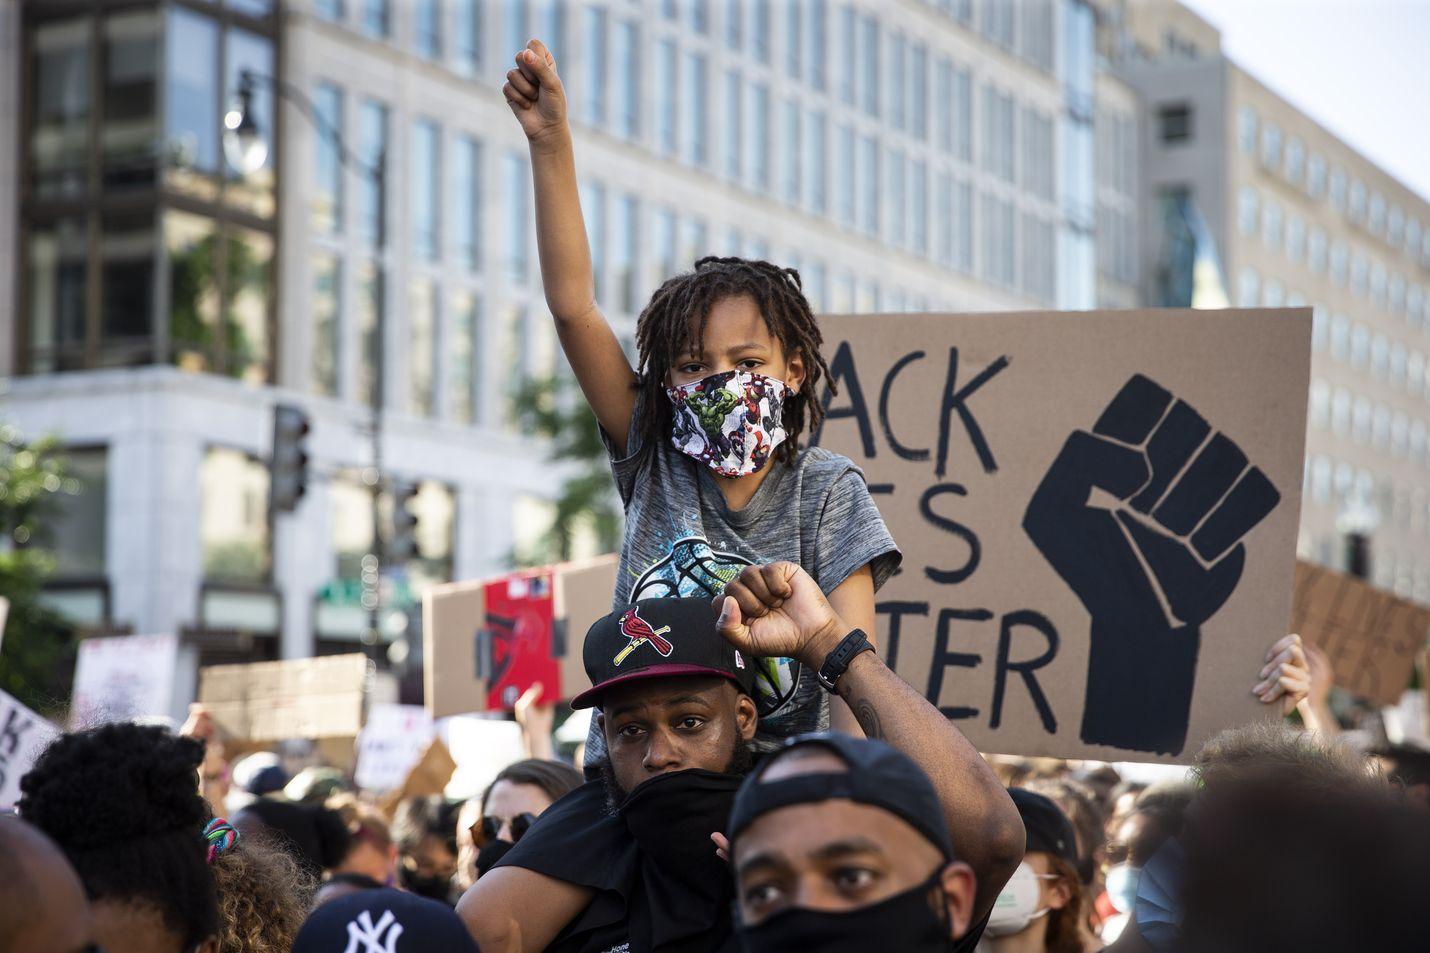 Washingtonissa järjestettiin lauantaina tähän asti suurin mielenosoitus rasismia ja poliisiväkivaltaa vastaan. Valkoisen talon edessä on järjestetty protesteja päivittäin jo viikon ajan.